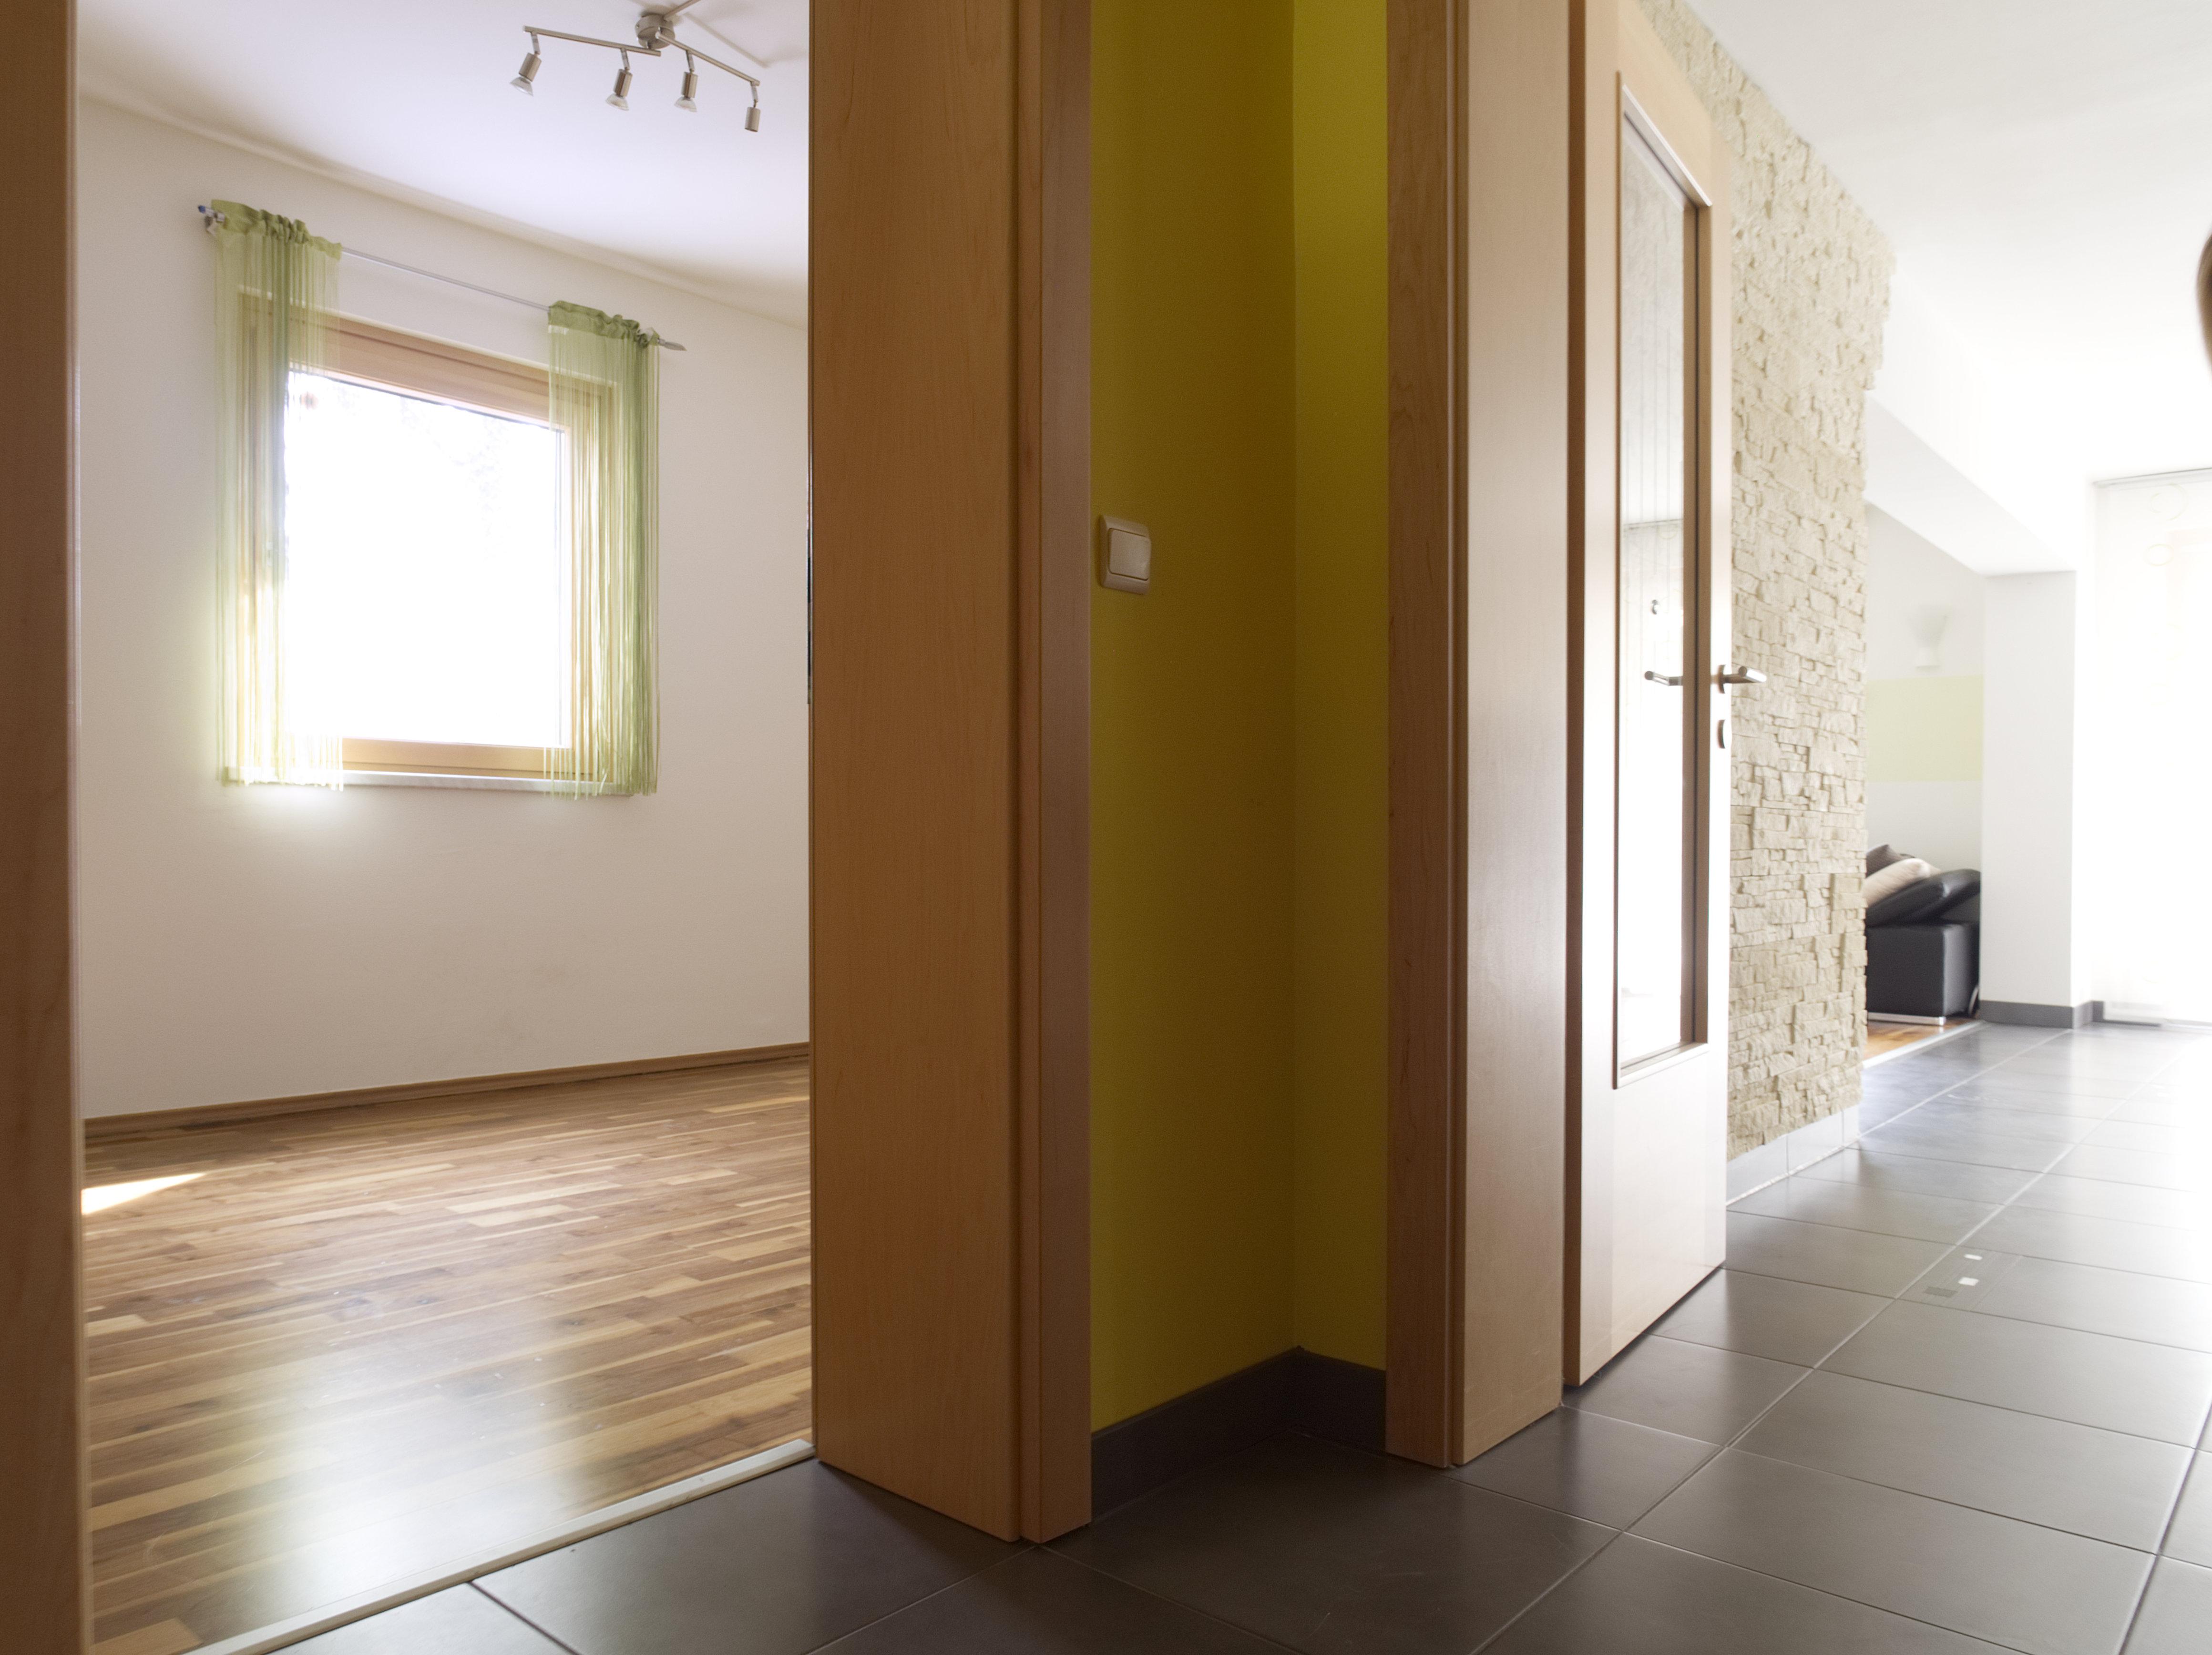 Kleinwohnung Vorraum